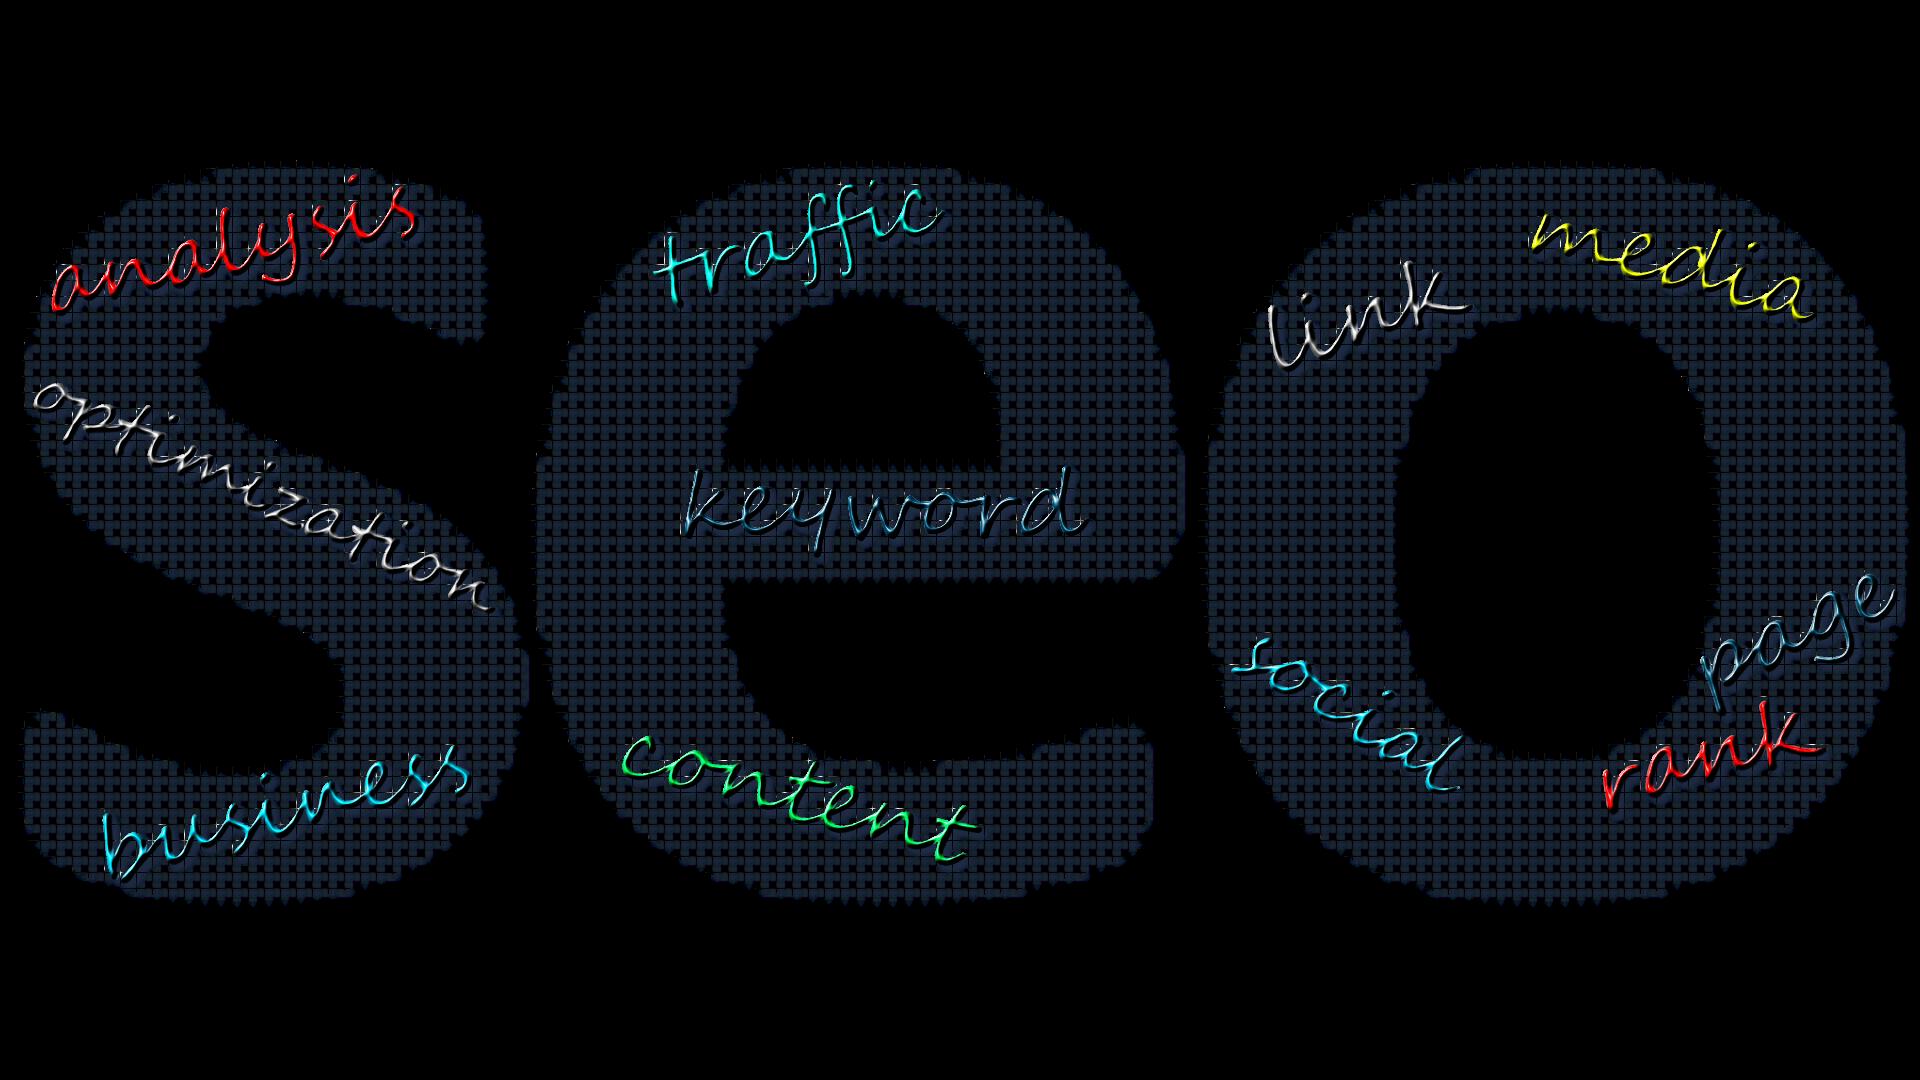 Seo copywriting, czyli jak za darmo pozycjonować stronę